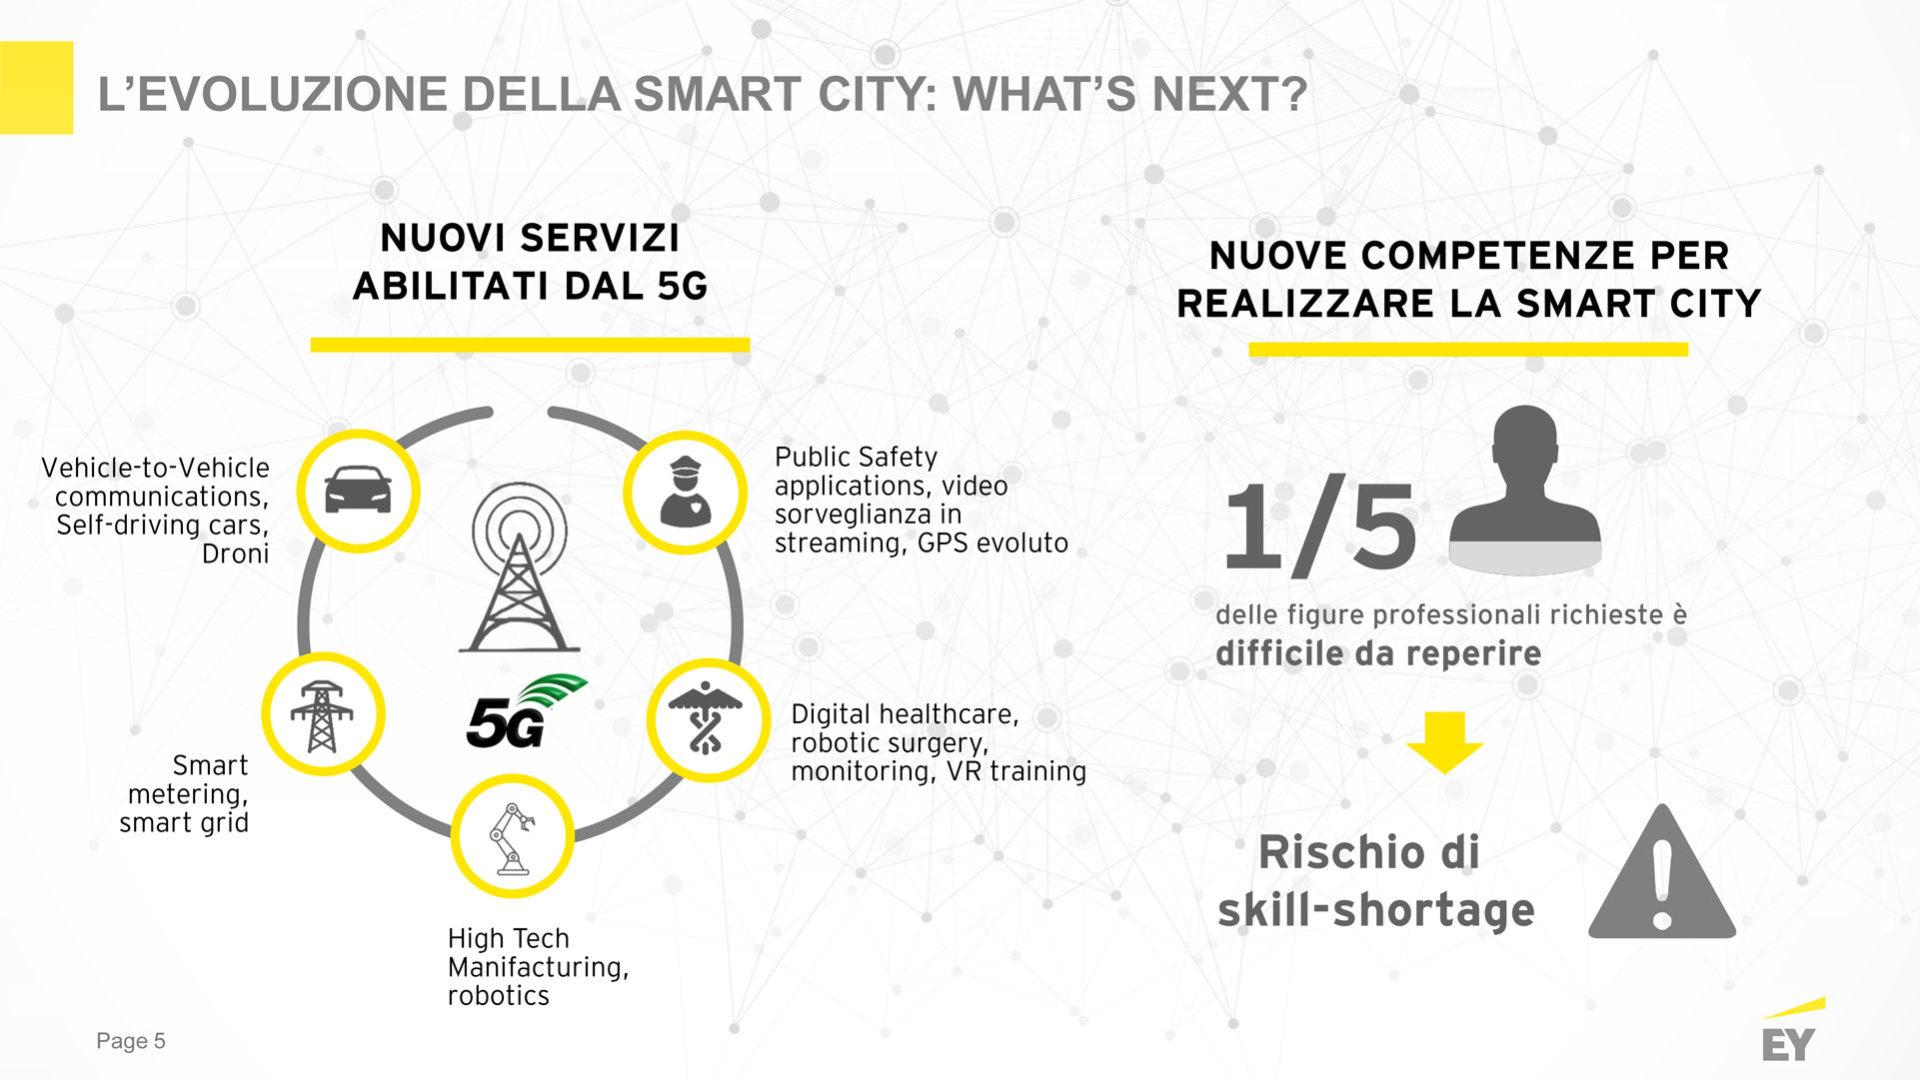 L'evoluzione della smart city